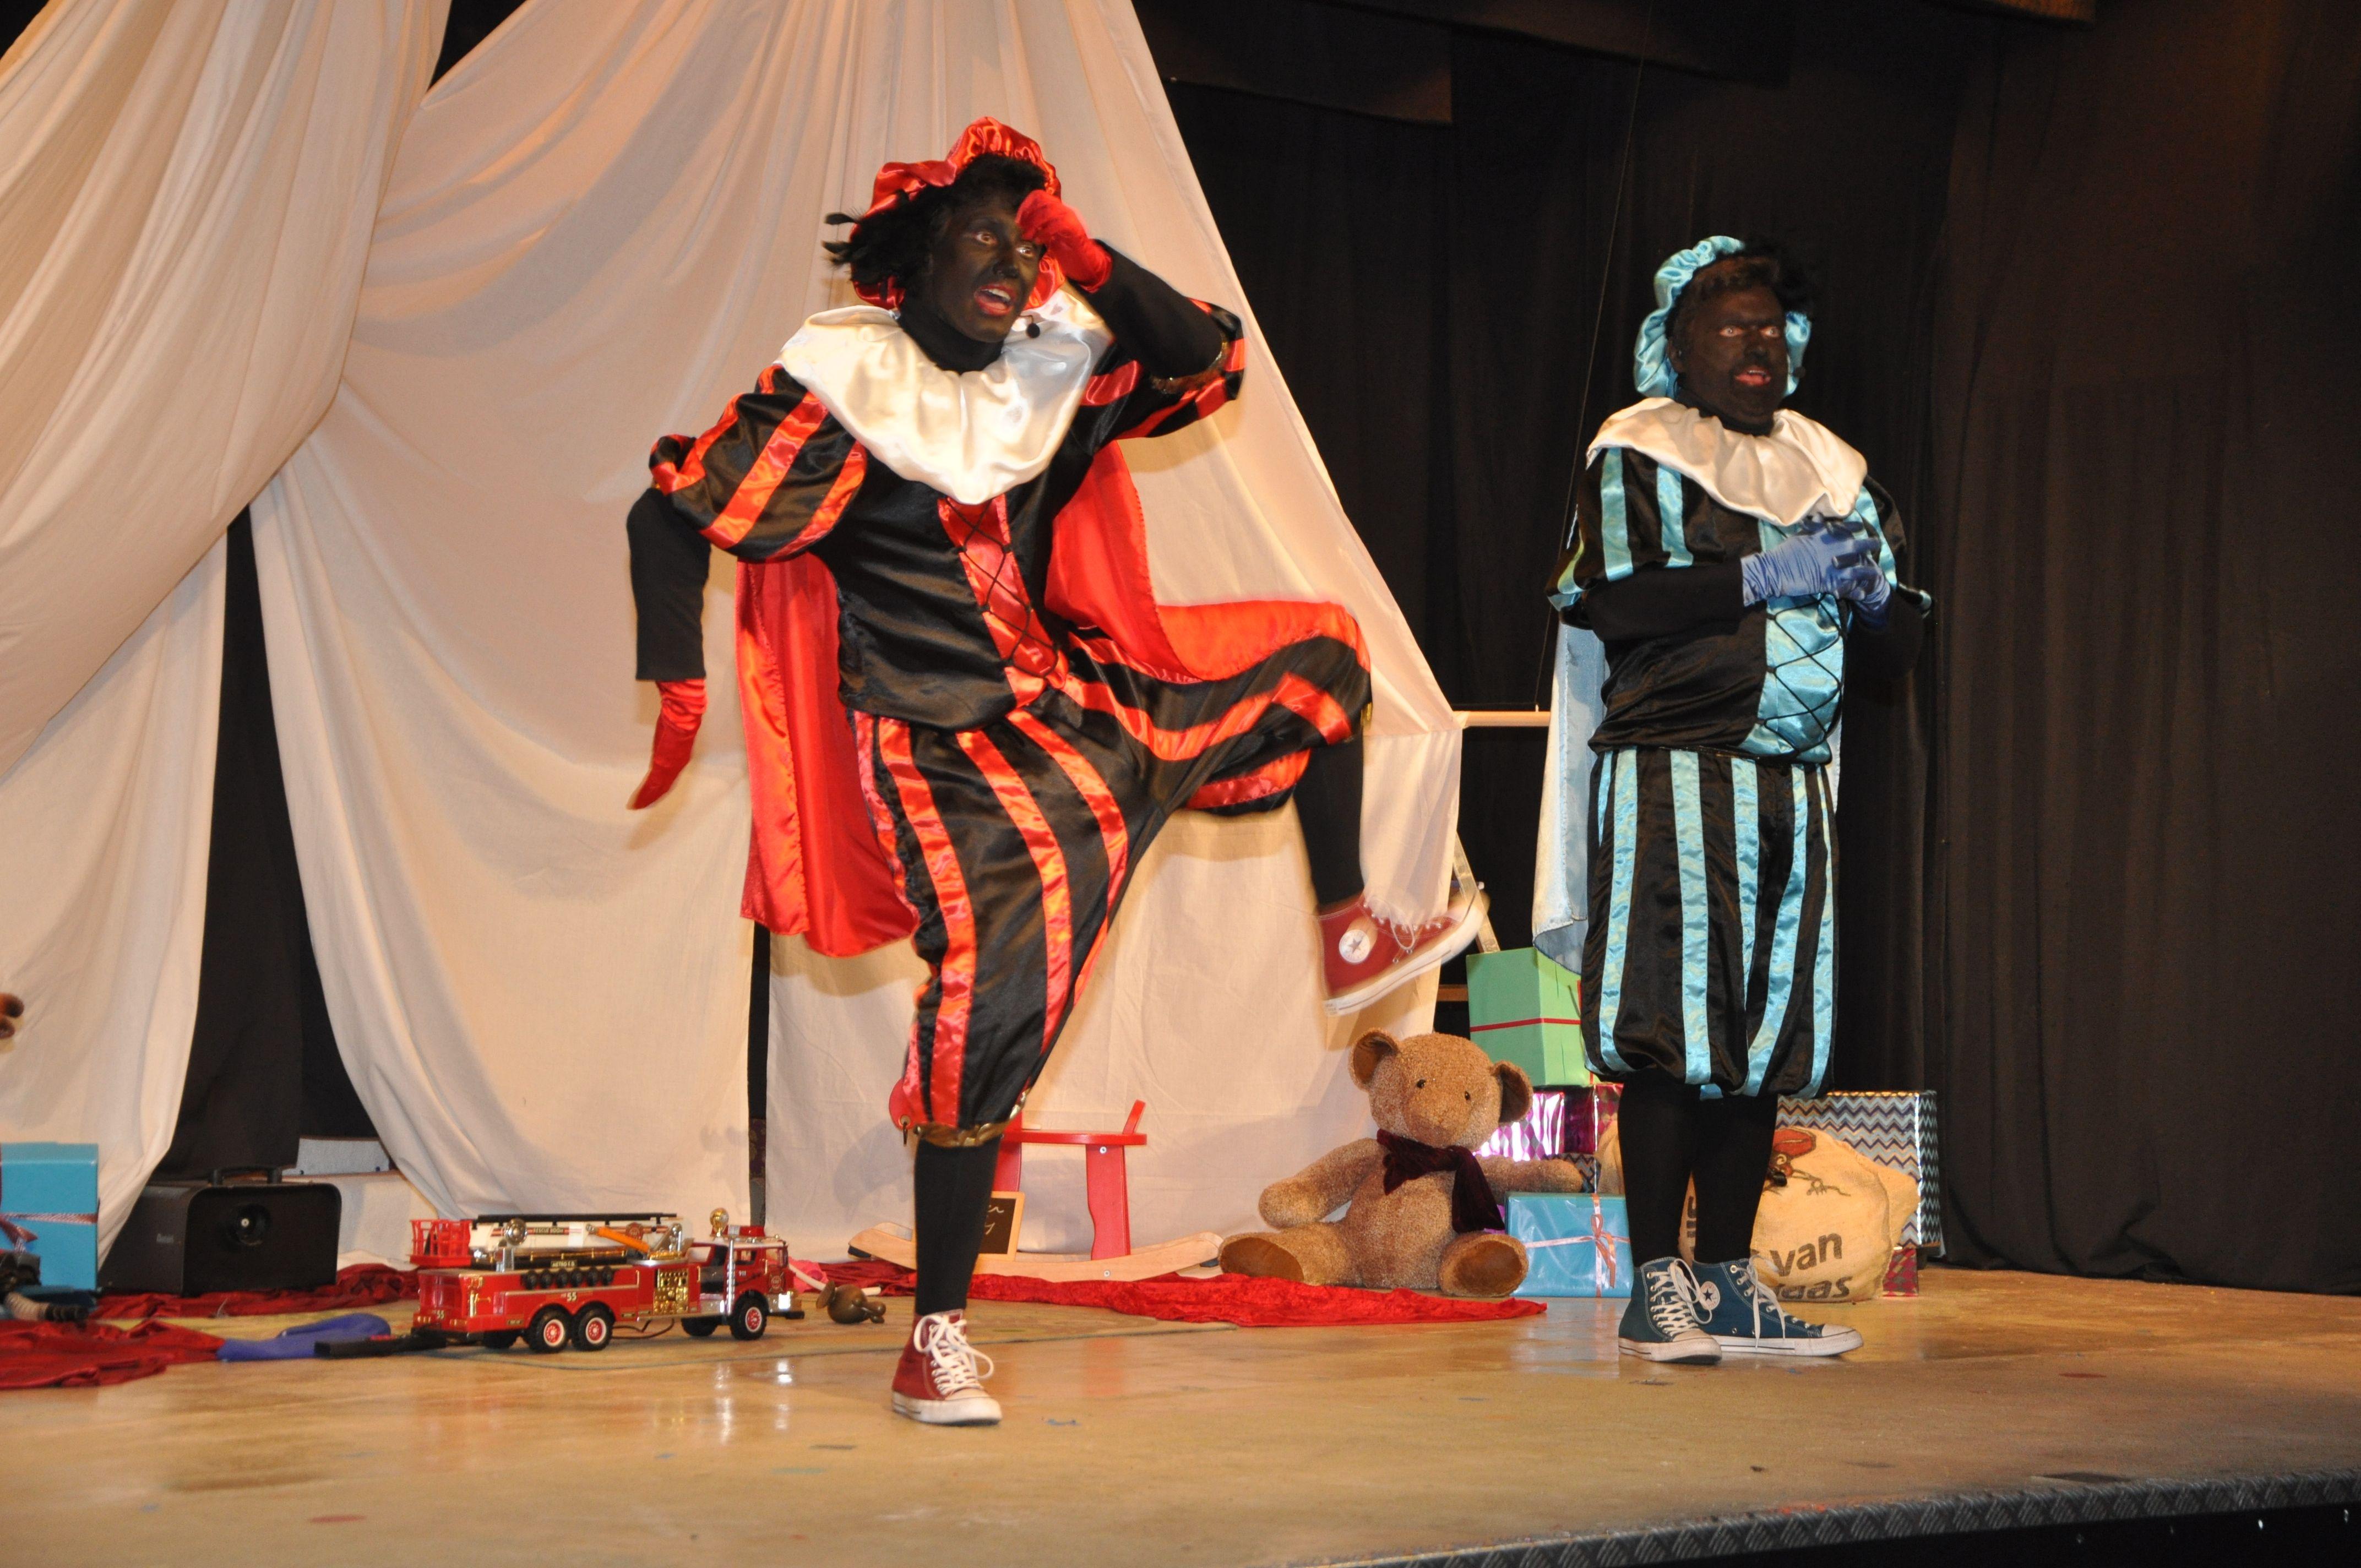 Zwarte Pieten stelen de show - Het Nieuwsblad